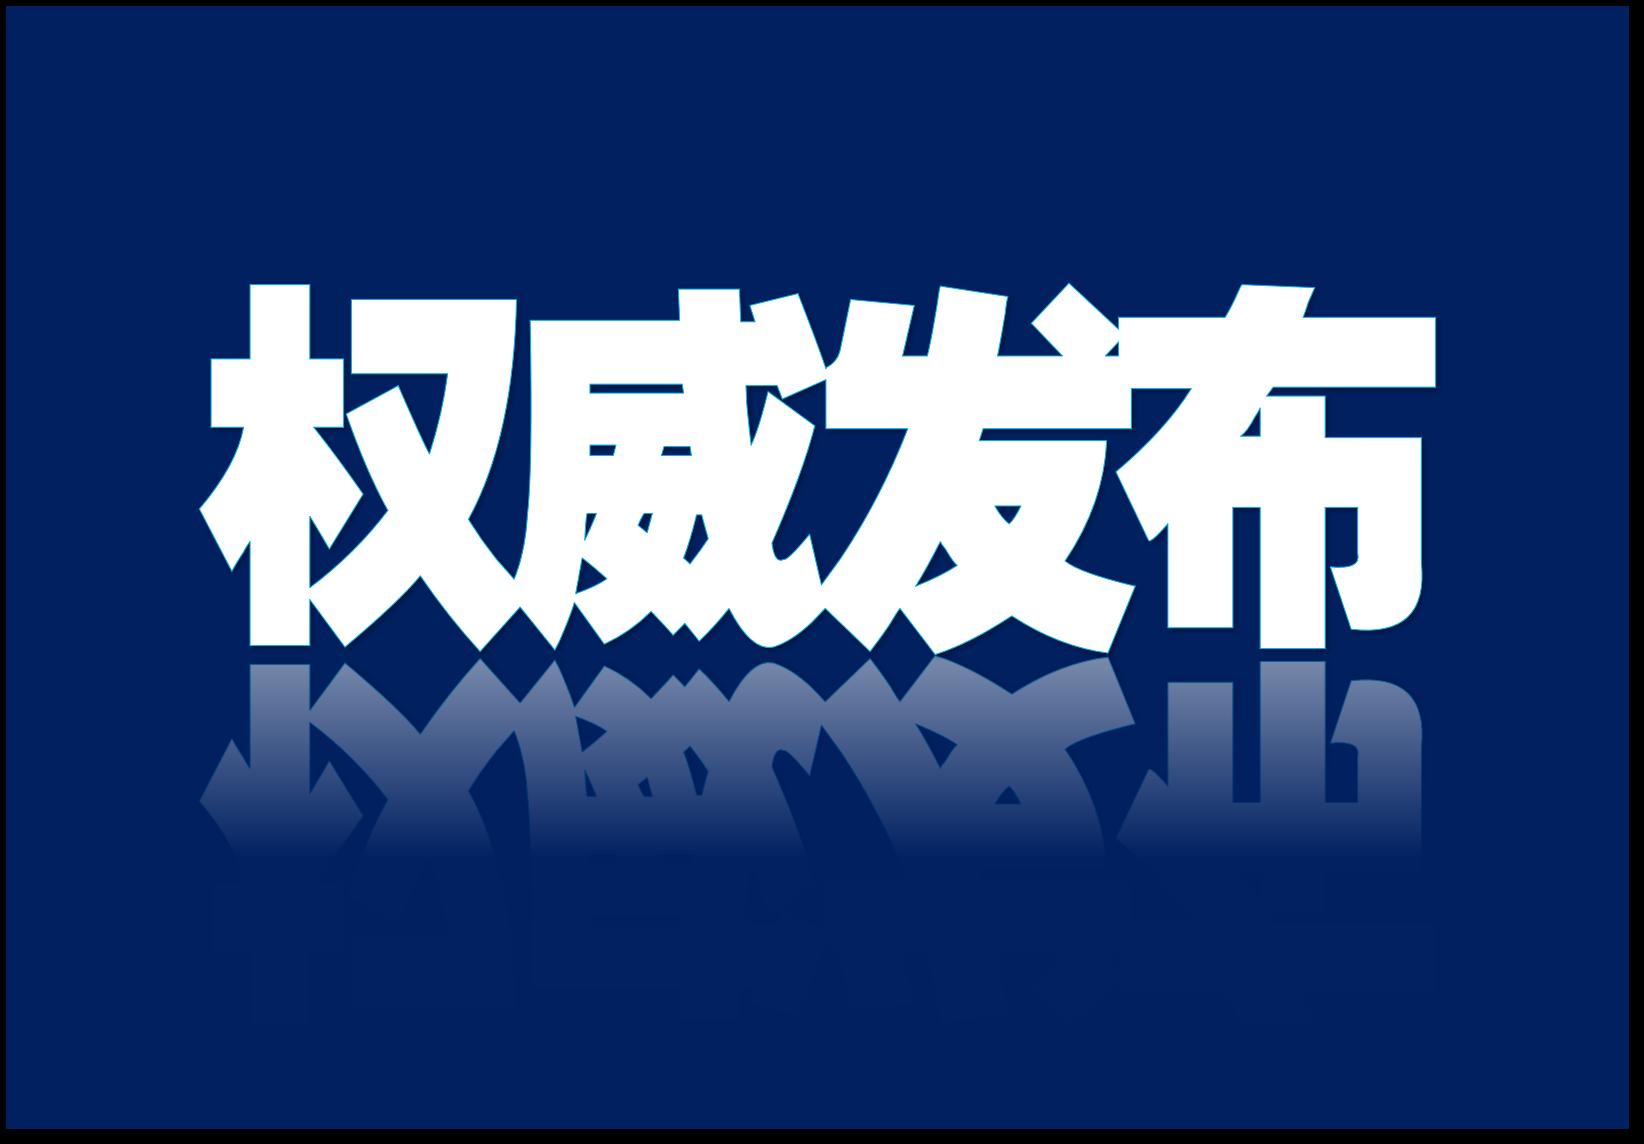 天津市河北区建设开发有限公司信访科科长刘桂翔接受纪律审查和监察调查